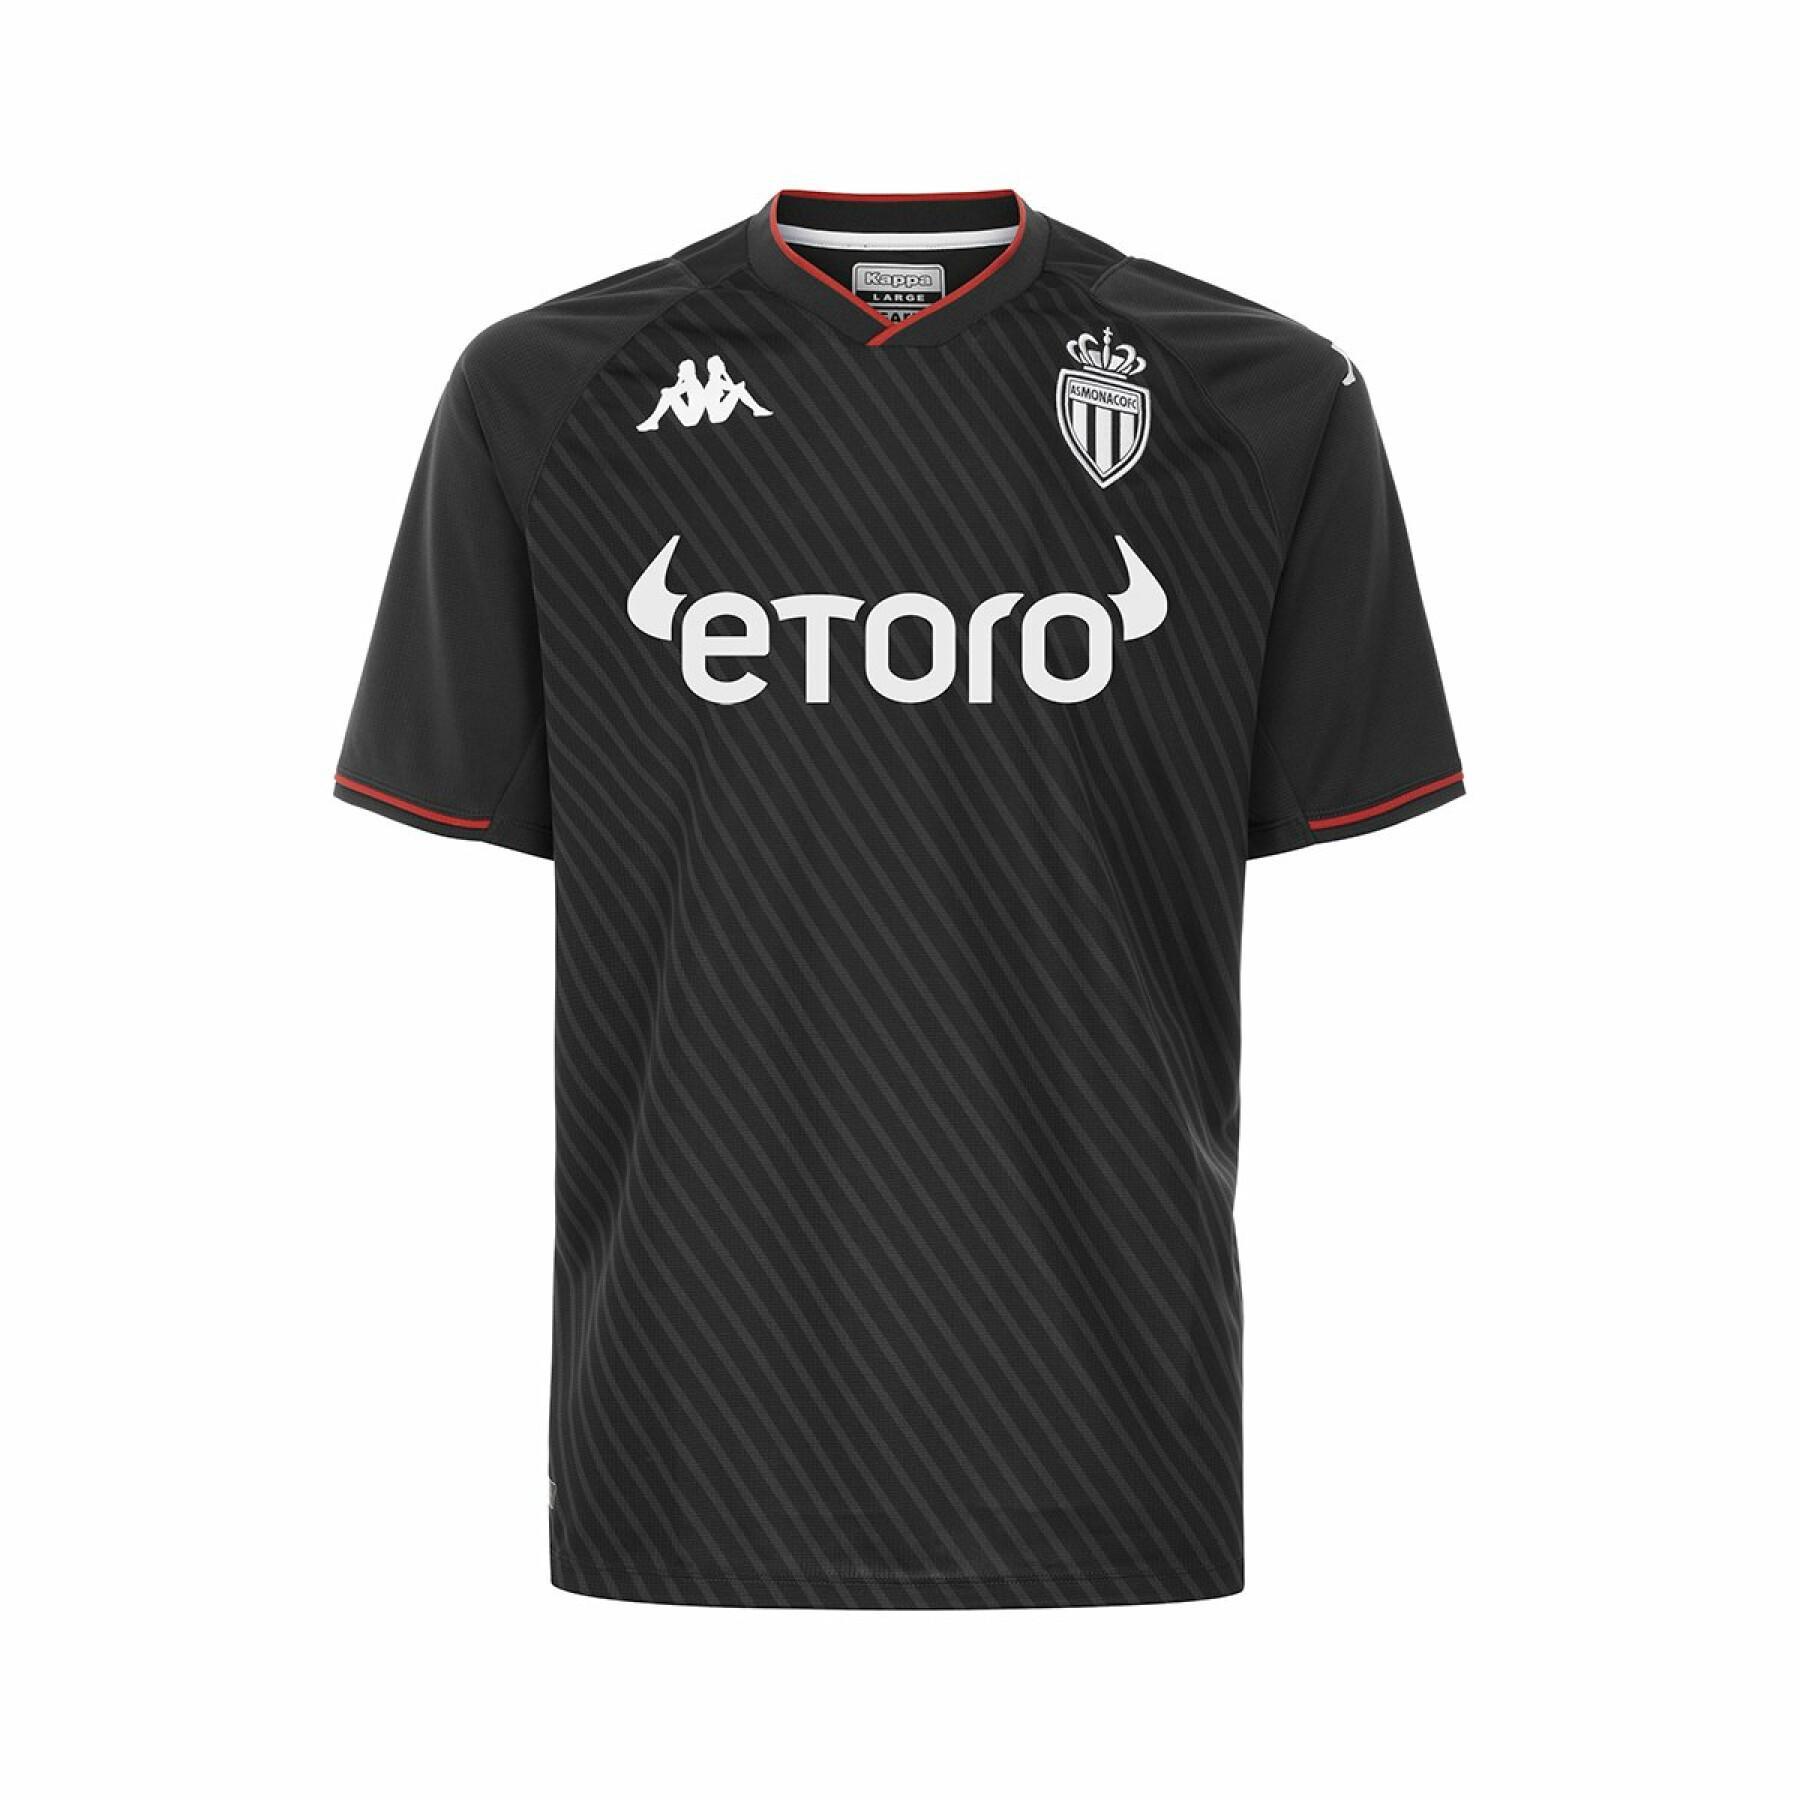 Outdoor jersey AS Monaco 2021/22